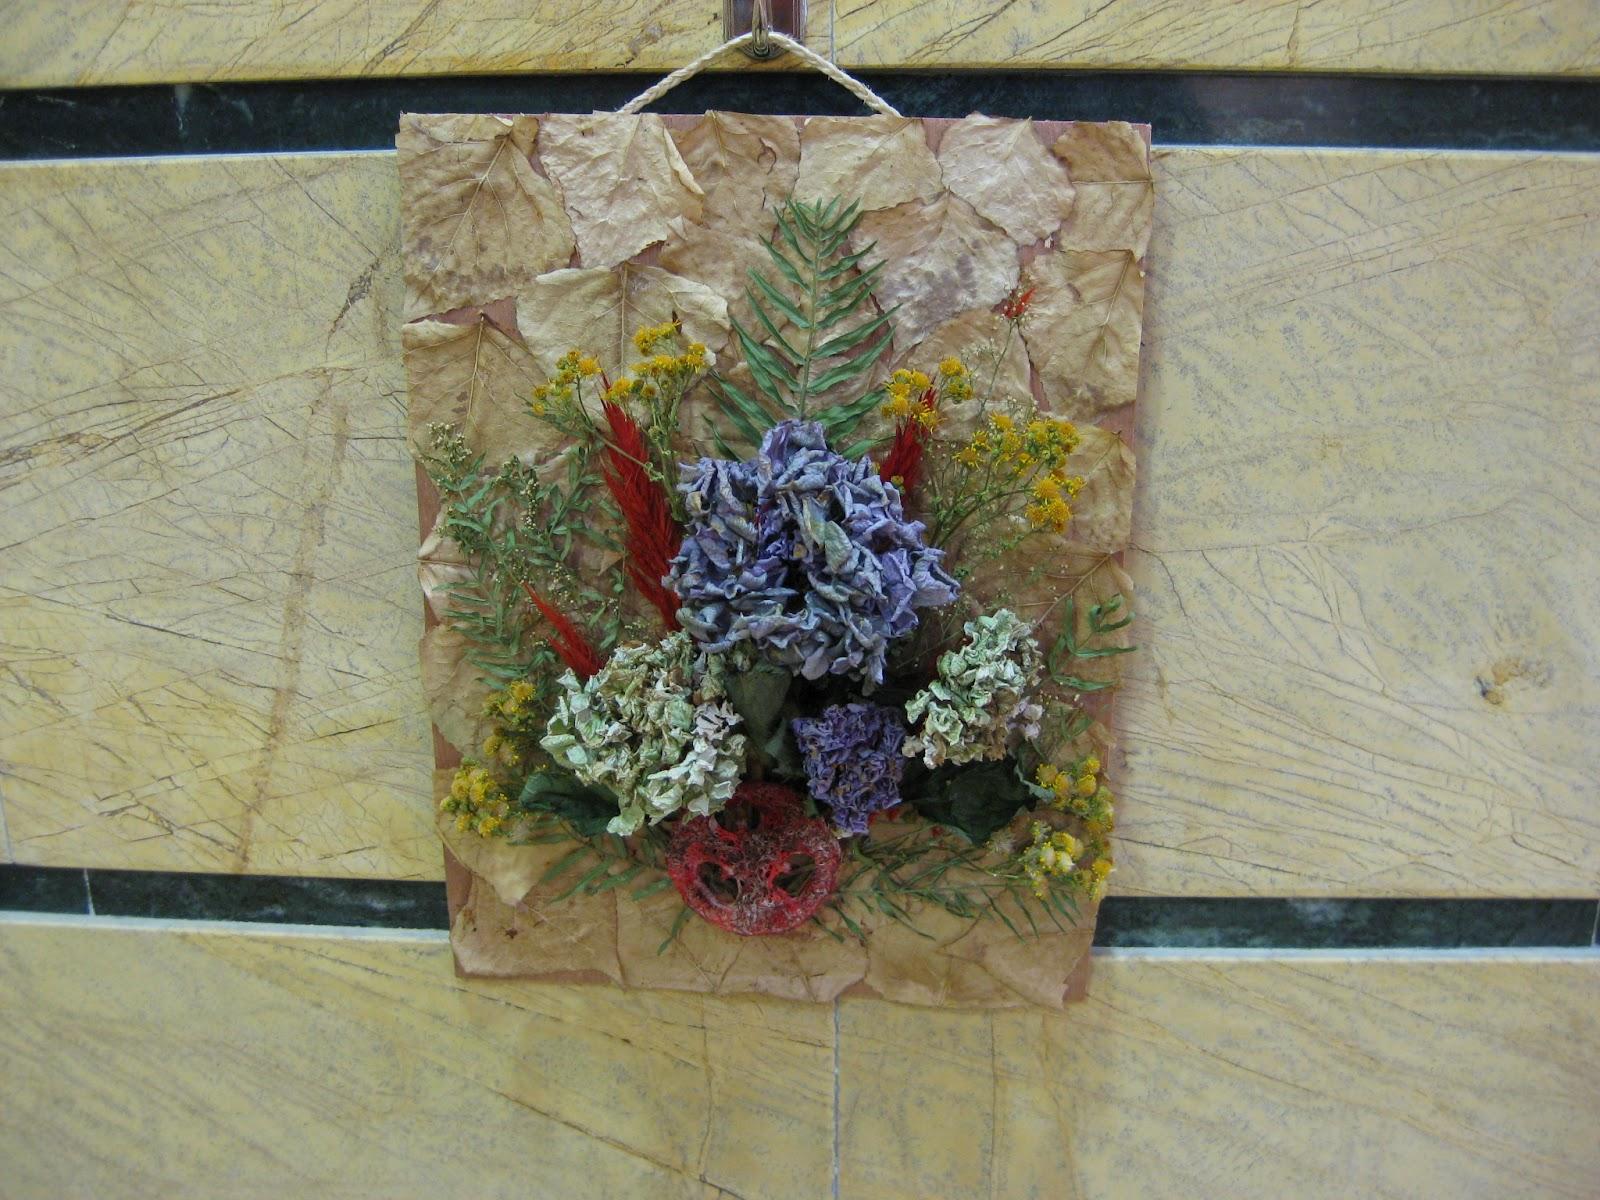 Con arte en las manos cuadros de flores secas - Cuadros con tela de saco ...